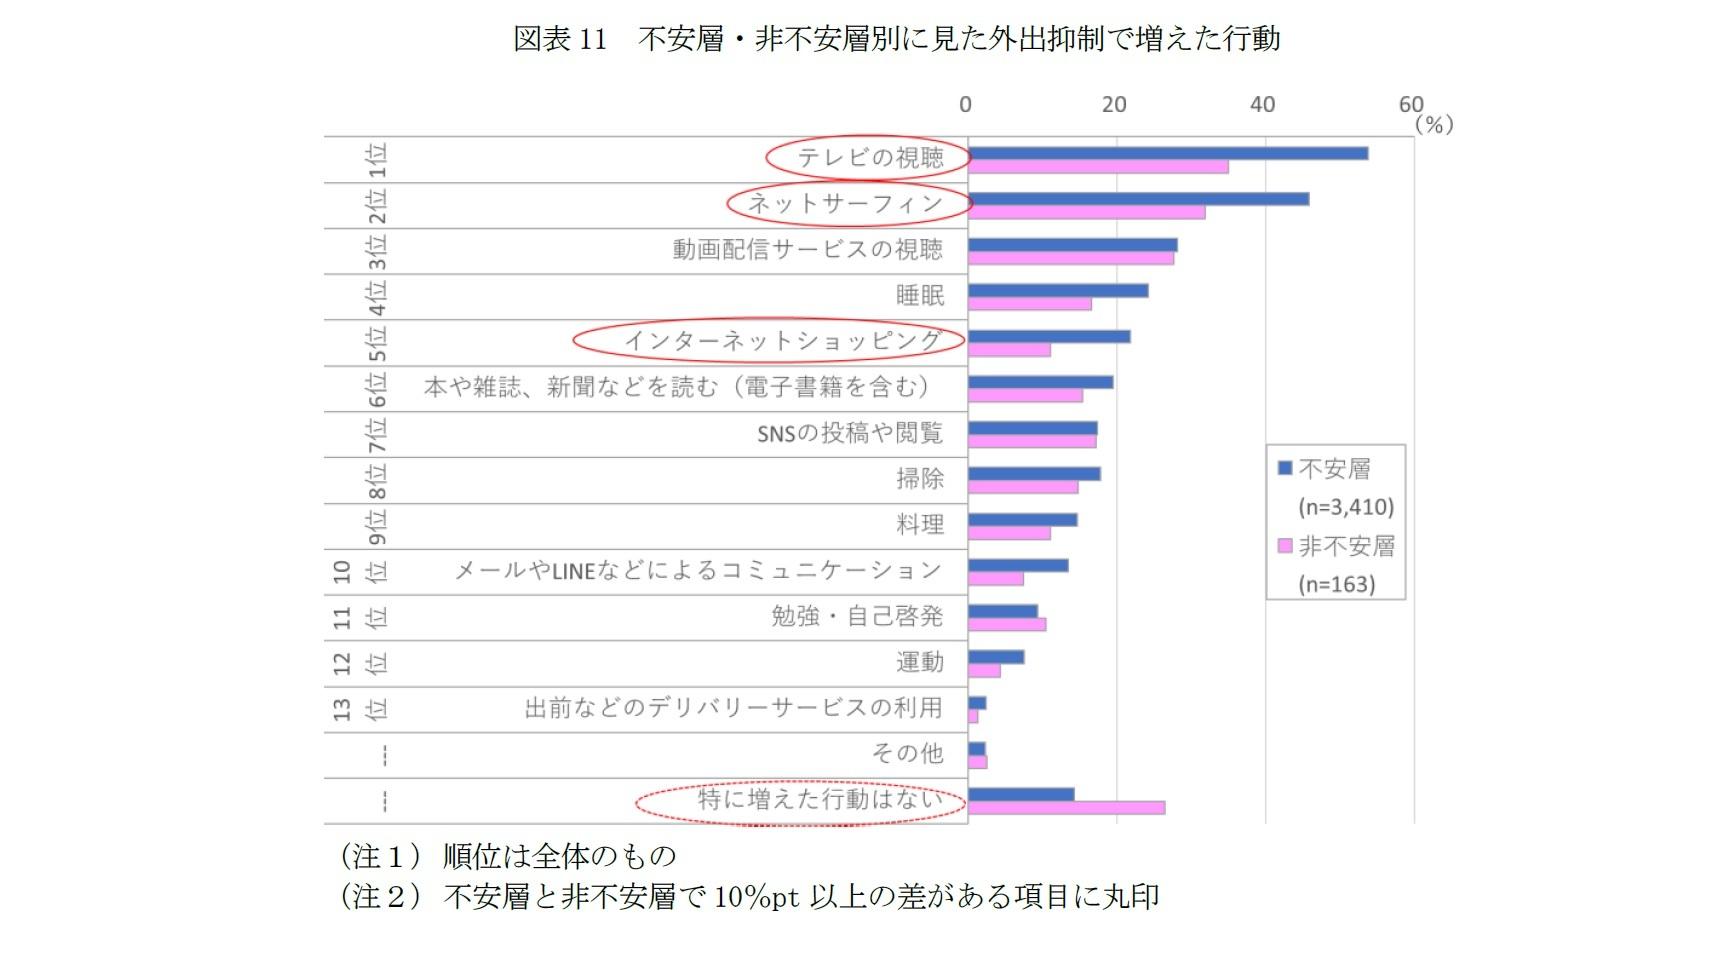 図表11 不安層・非不安層別に見た外出抑制で増えた行動